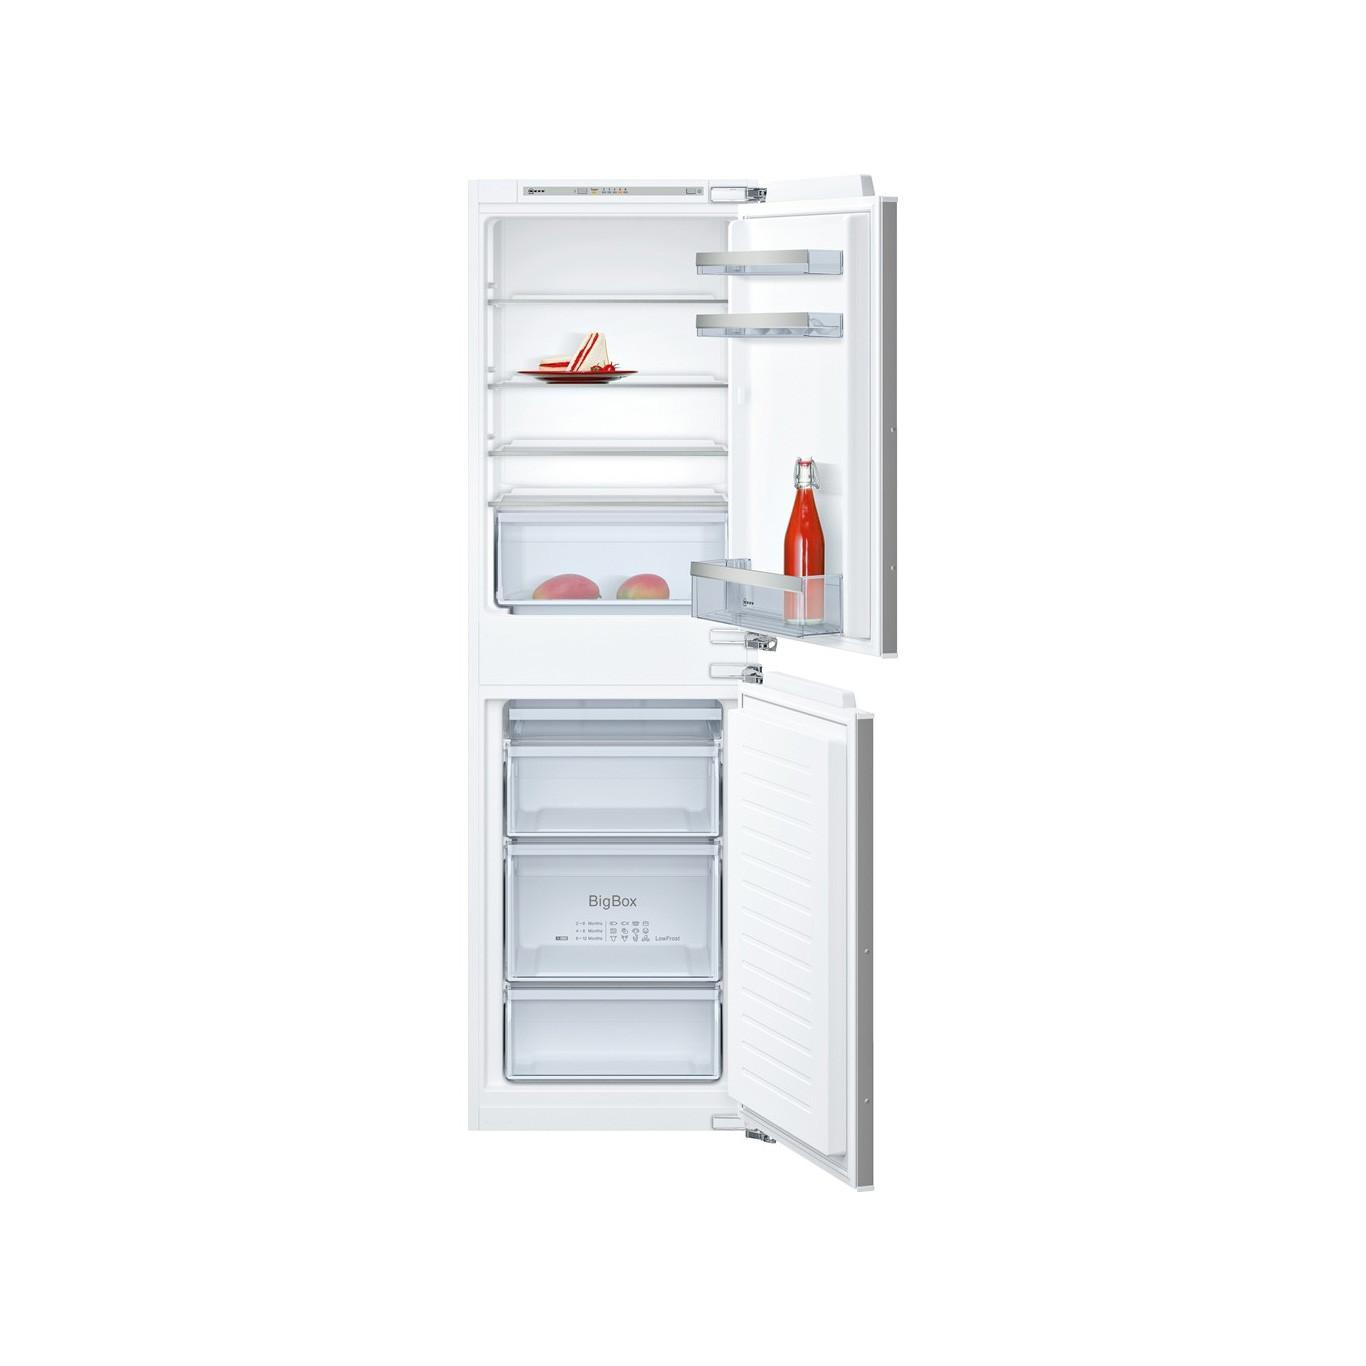 Neff N50 Built-In Fully Integrated 50/50 Fridge Freezer KI5852F30G